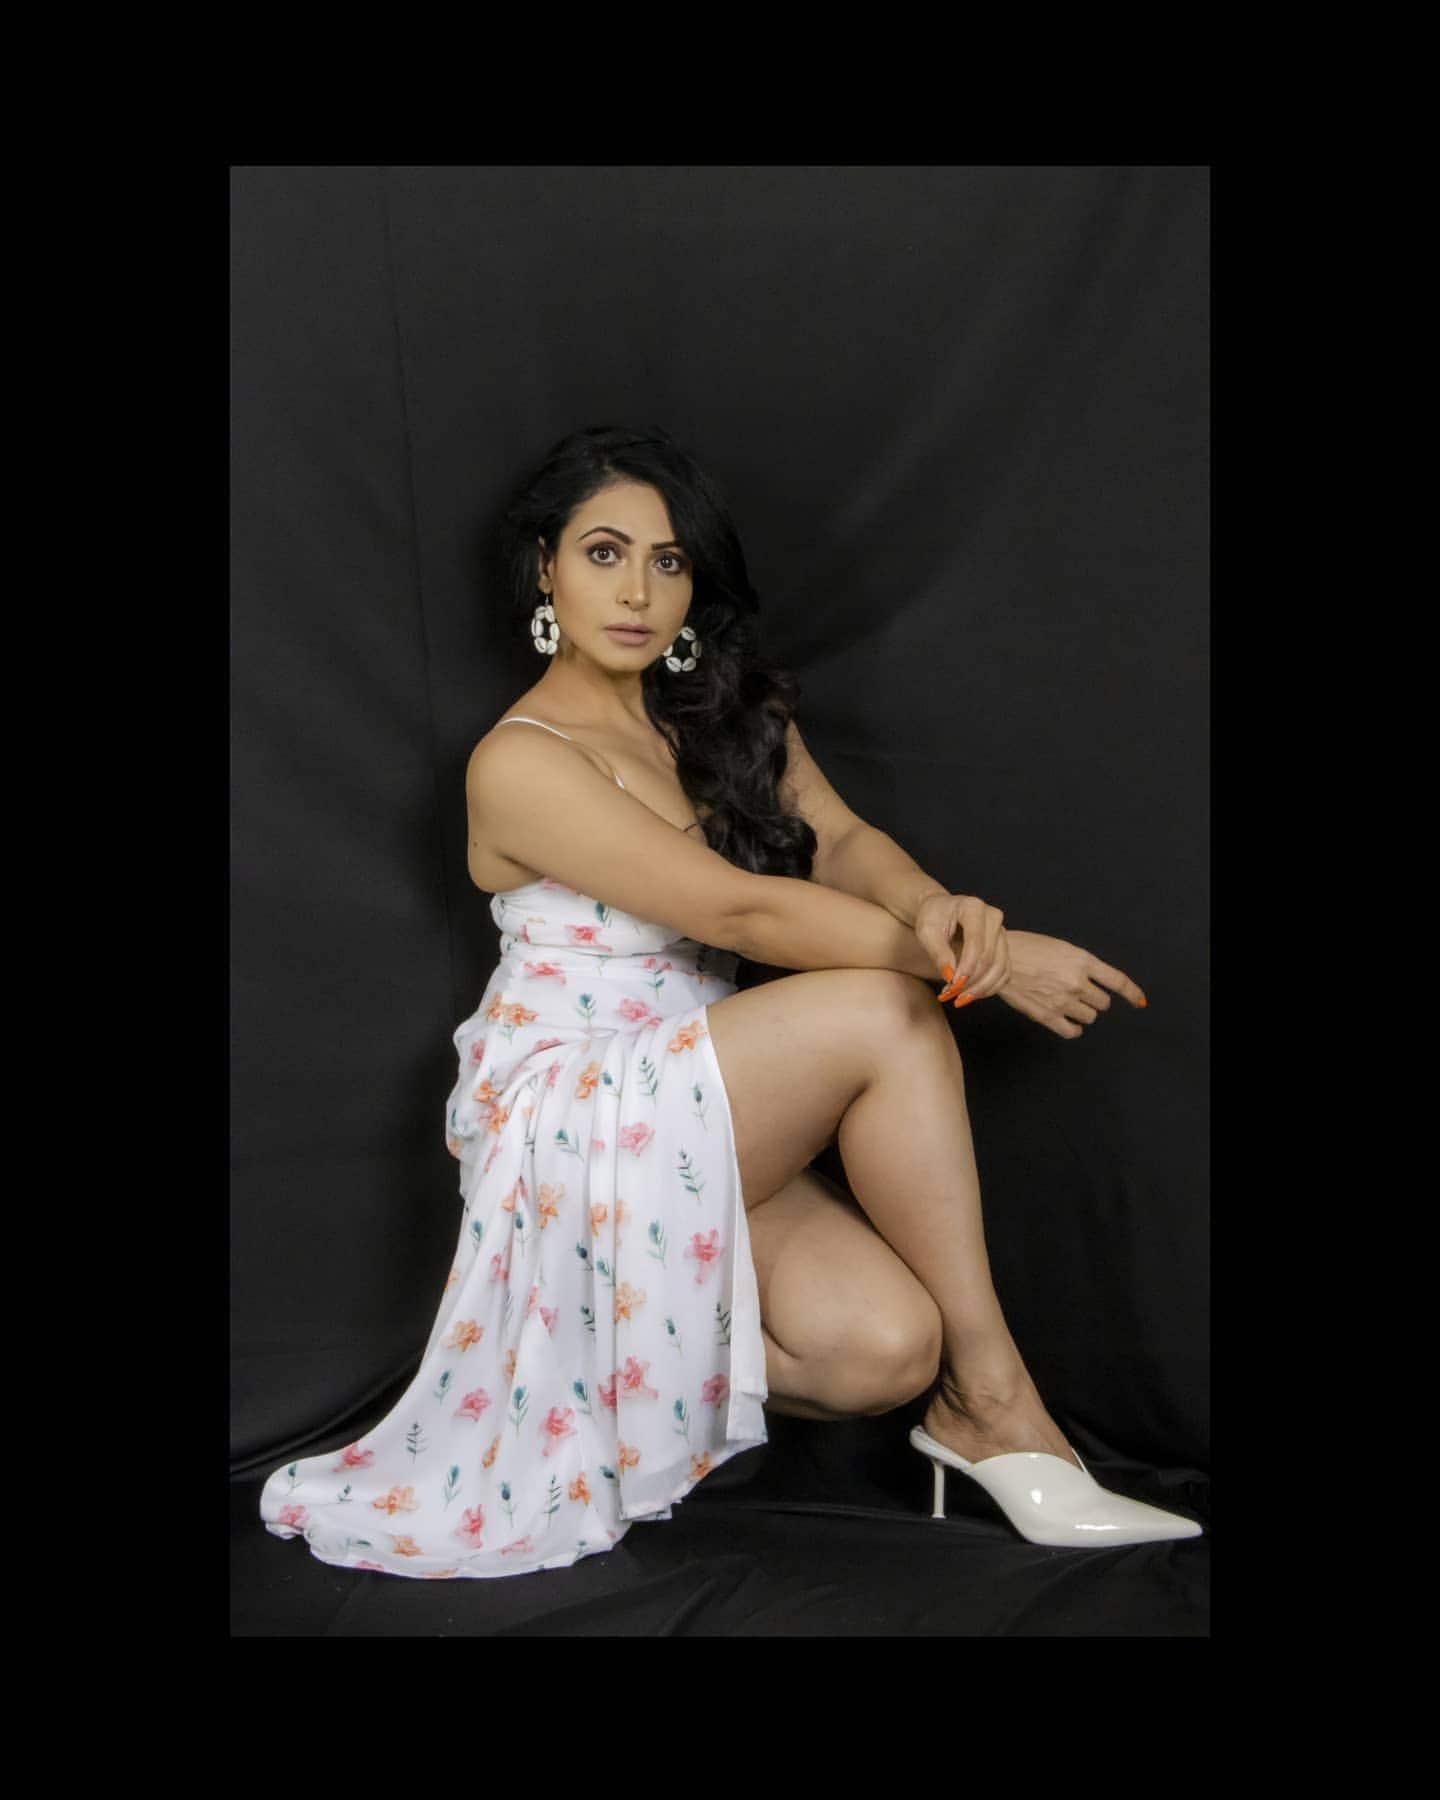 బిగ్ బాస్ బ్యూటీ నందిని రాయ్ హాట్ పిక్స్ Photo : Instagram